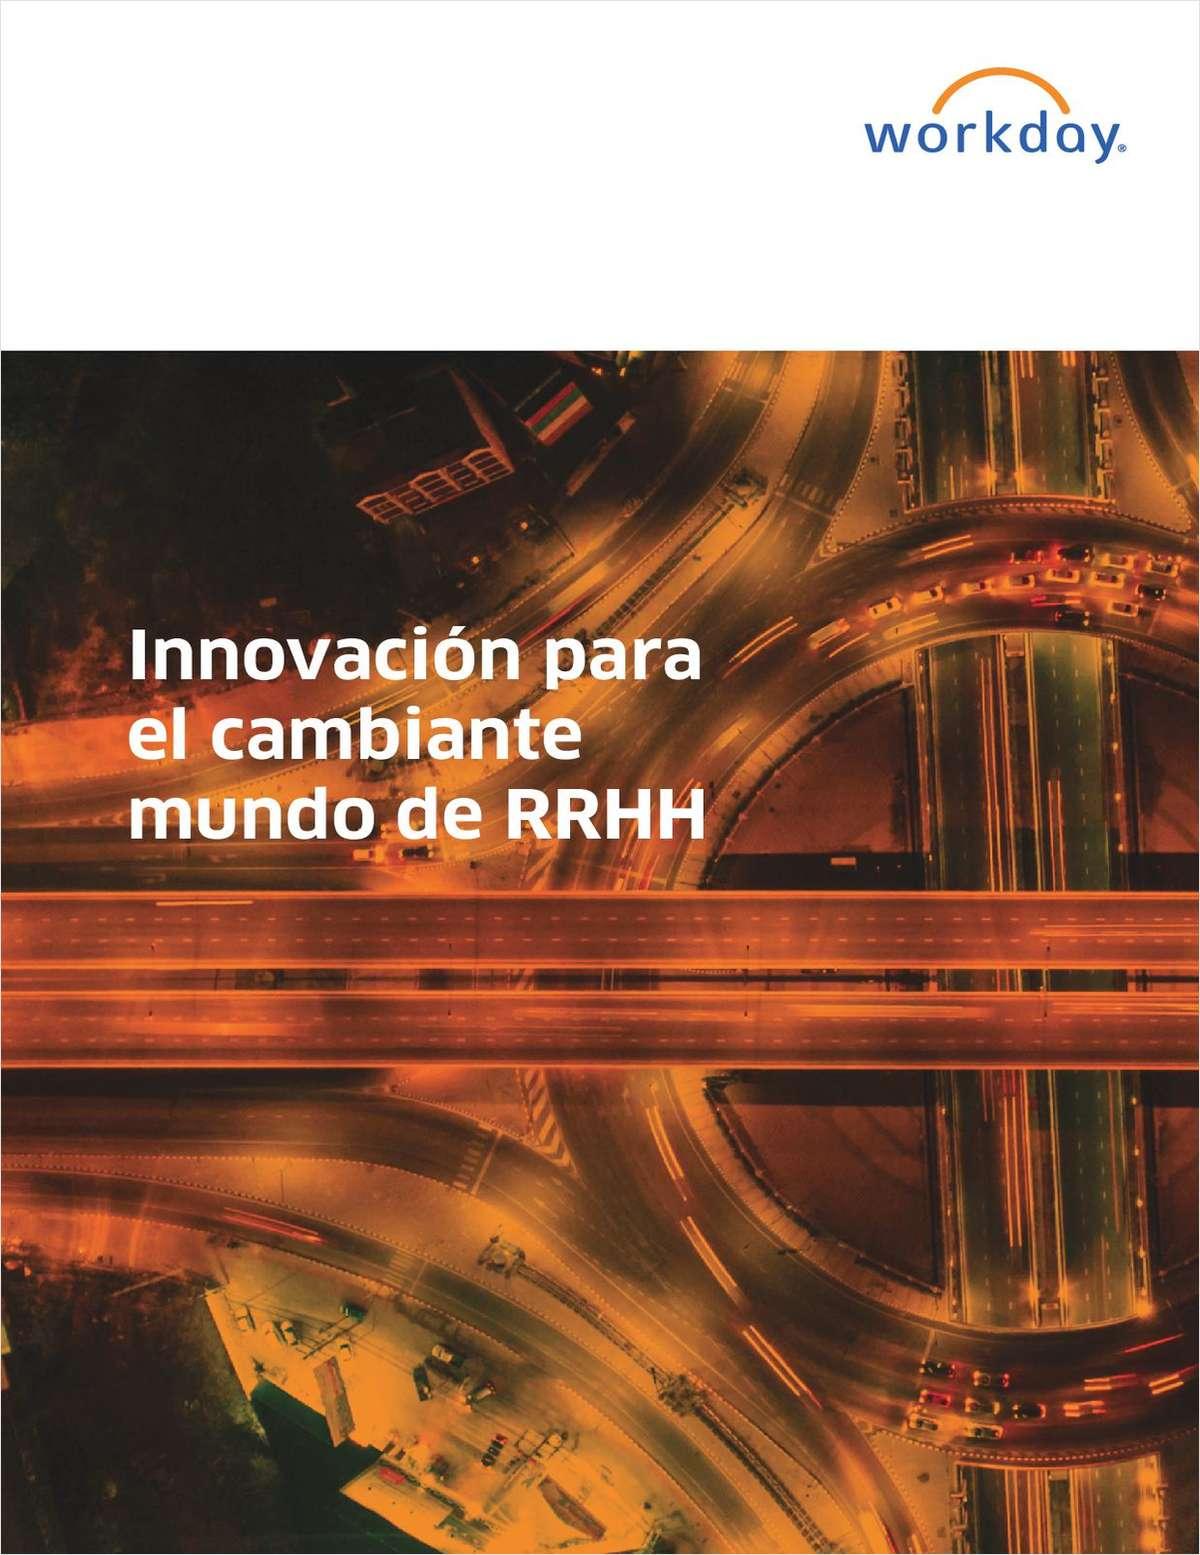 Innovación para el cambiante mundo de RRHH